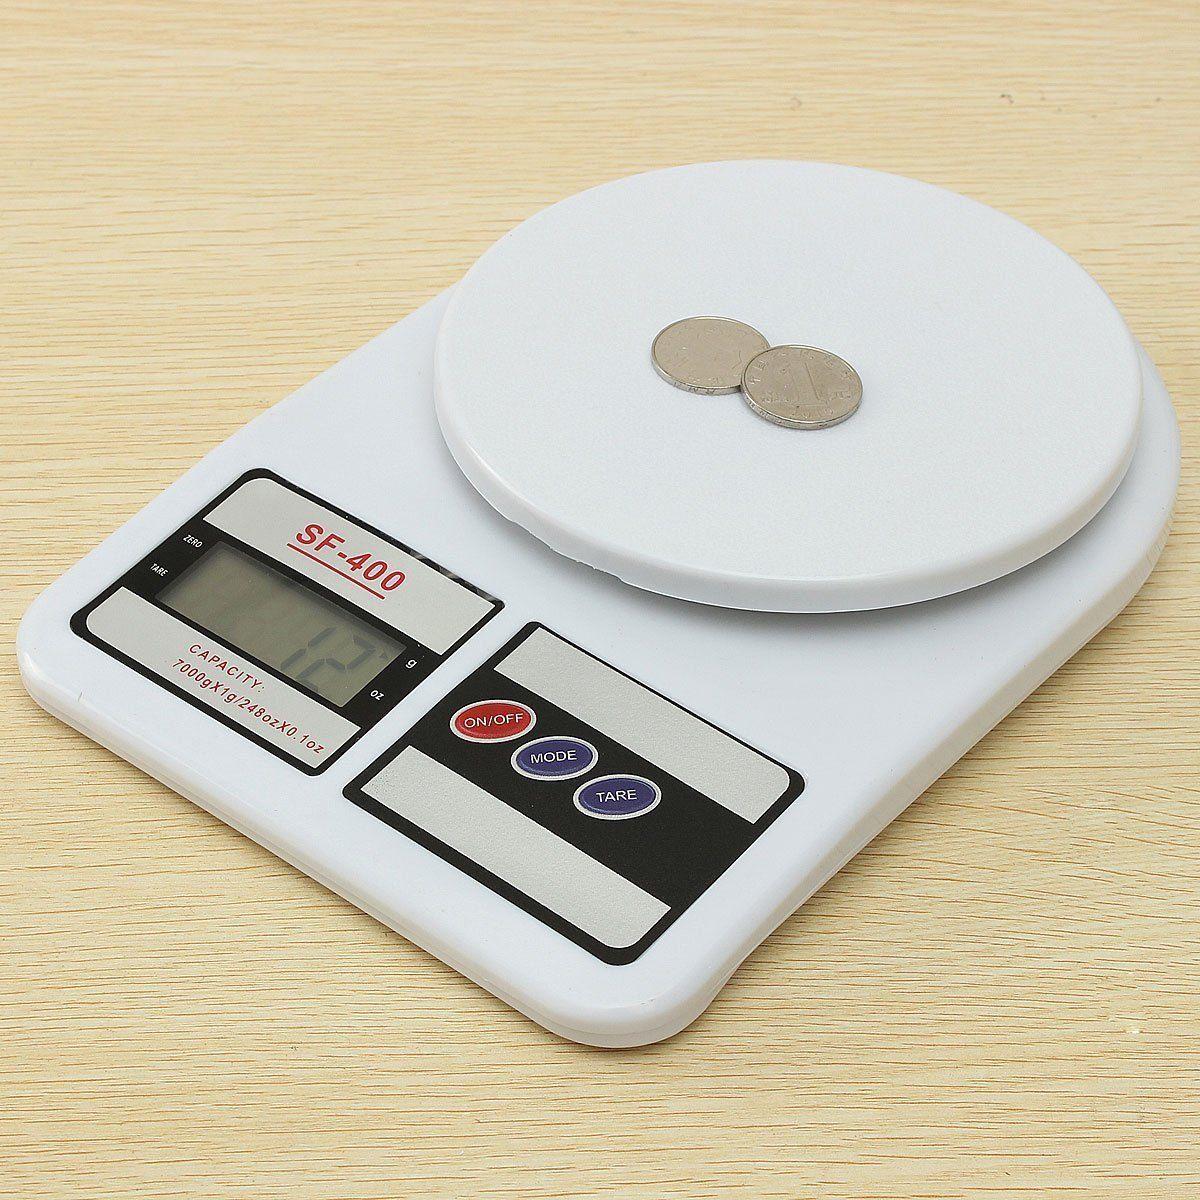 Ζυγός κουζίνας ηλεκτρονικός SF-400 7 kgr